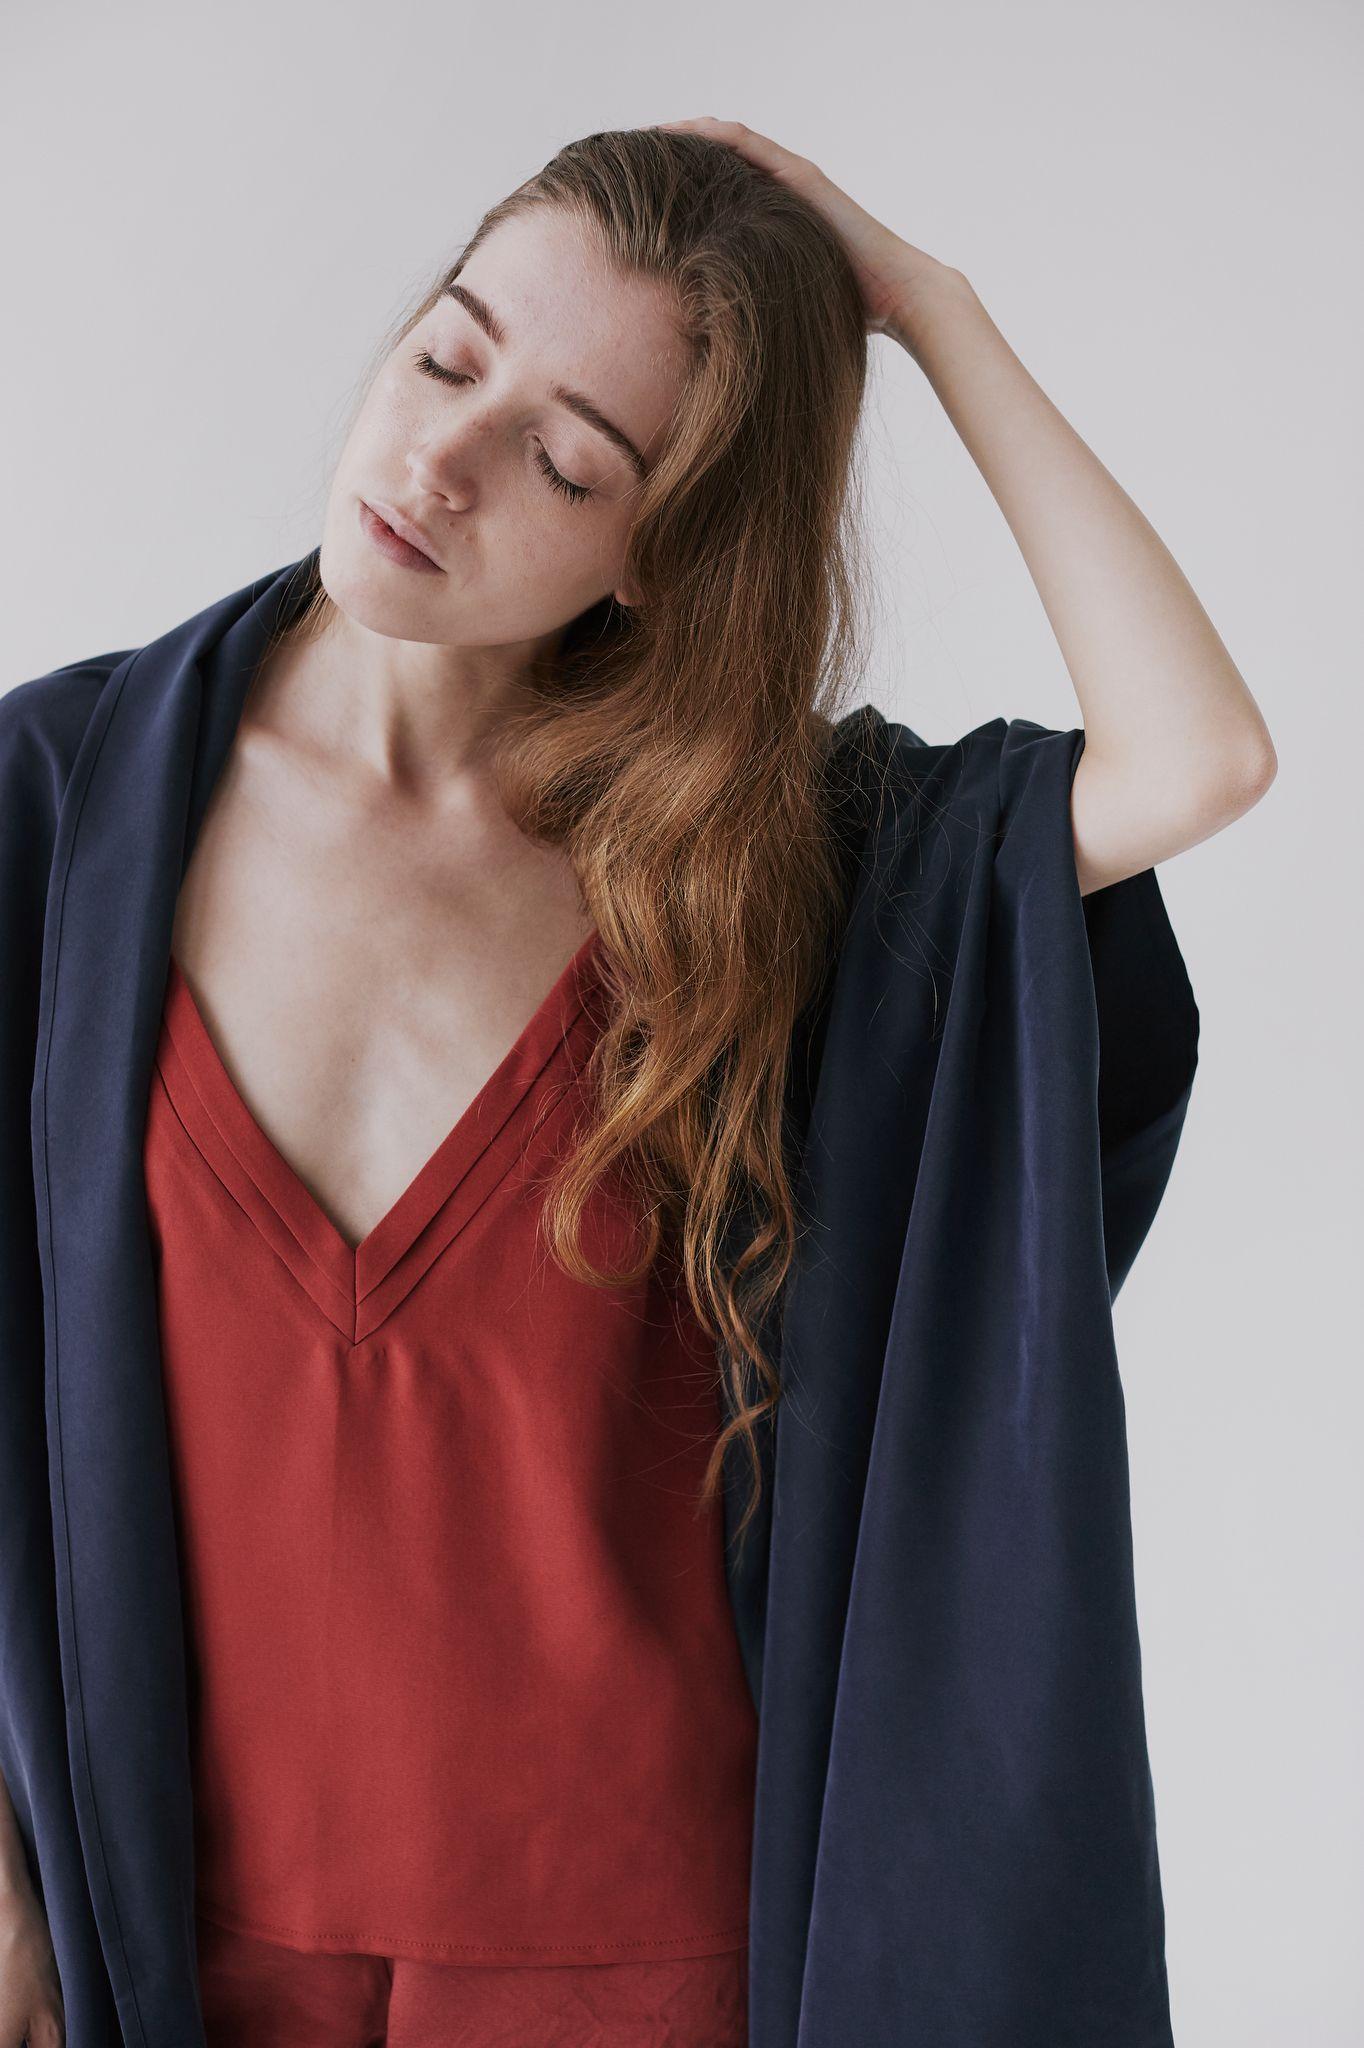 koszulka z plisowanym dekoltem - jedwab - mavka concept | JestemSlow.pl